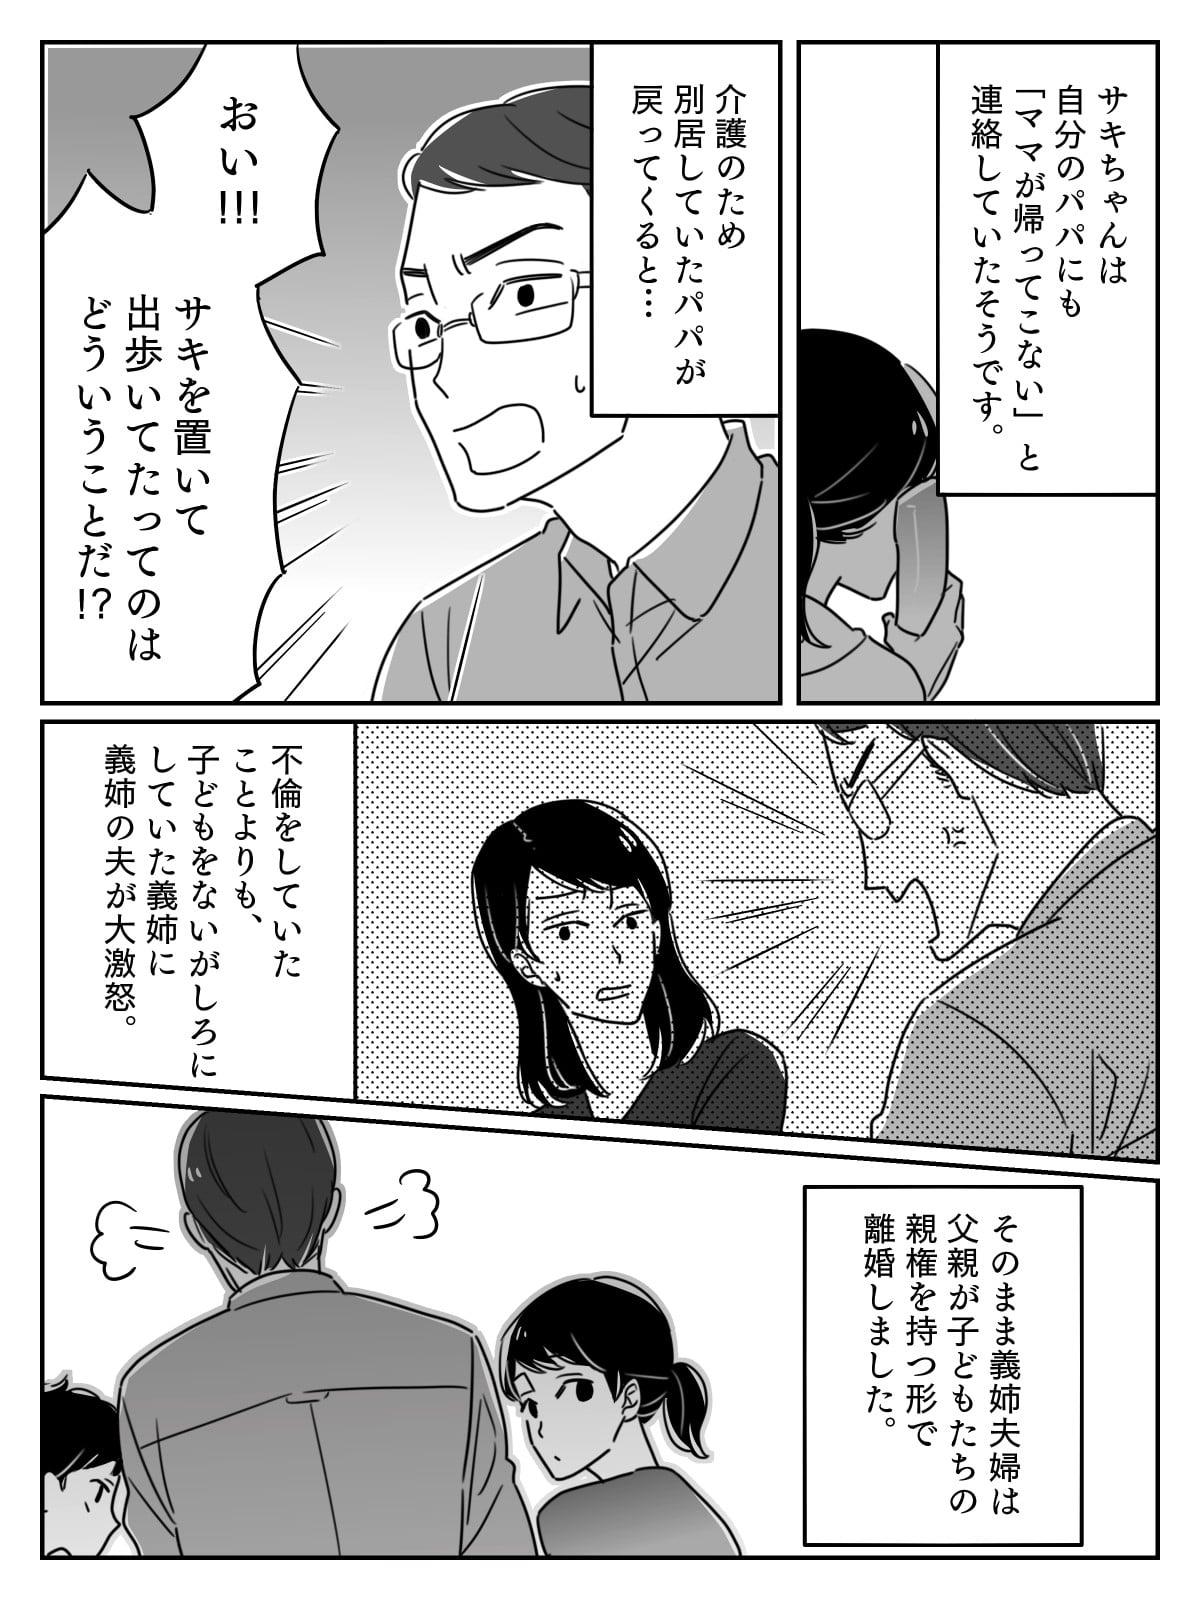 【後編】育児放棄!?「ママが帰ってこない」